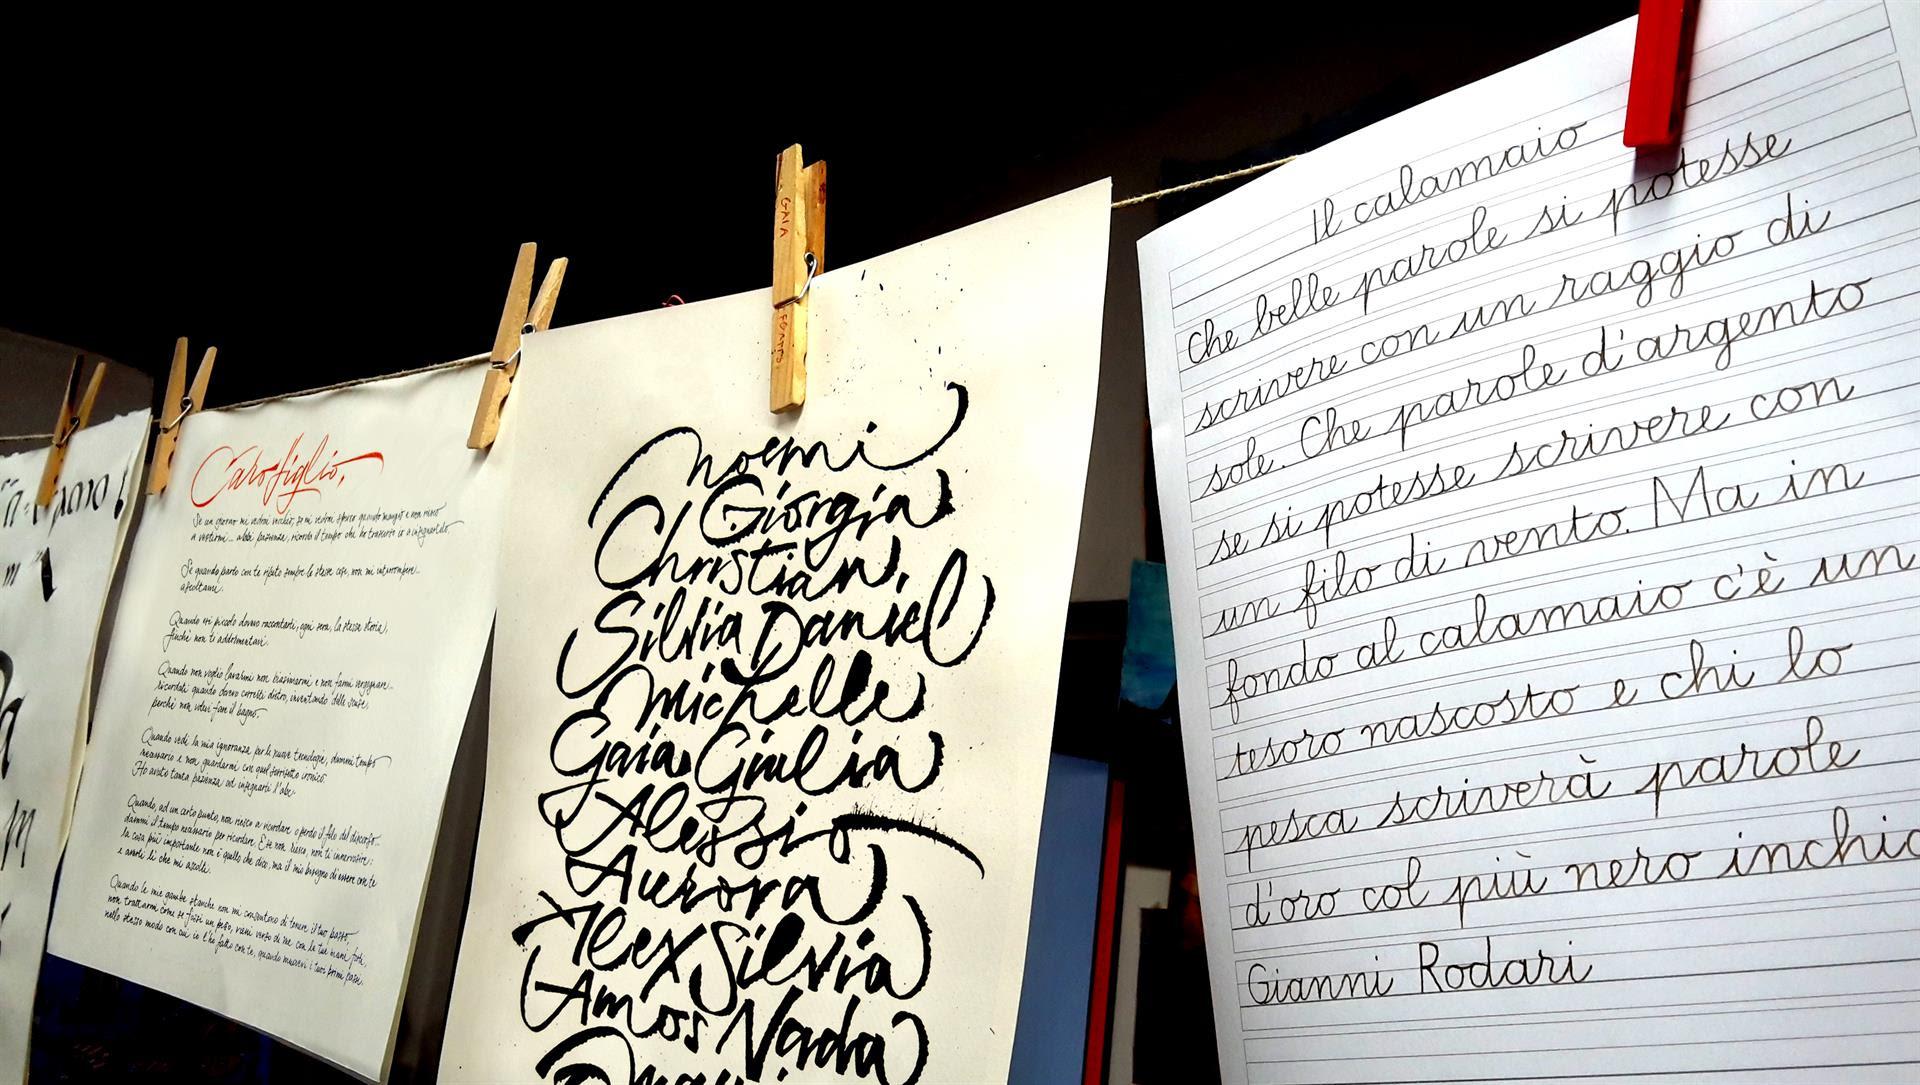 (fonte: Associazione Calligrafica Italiana)